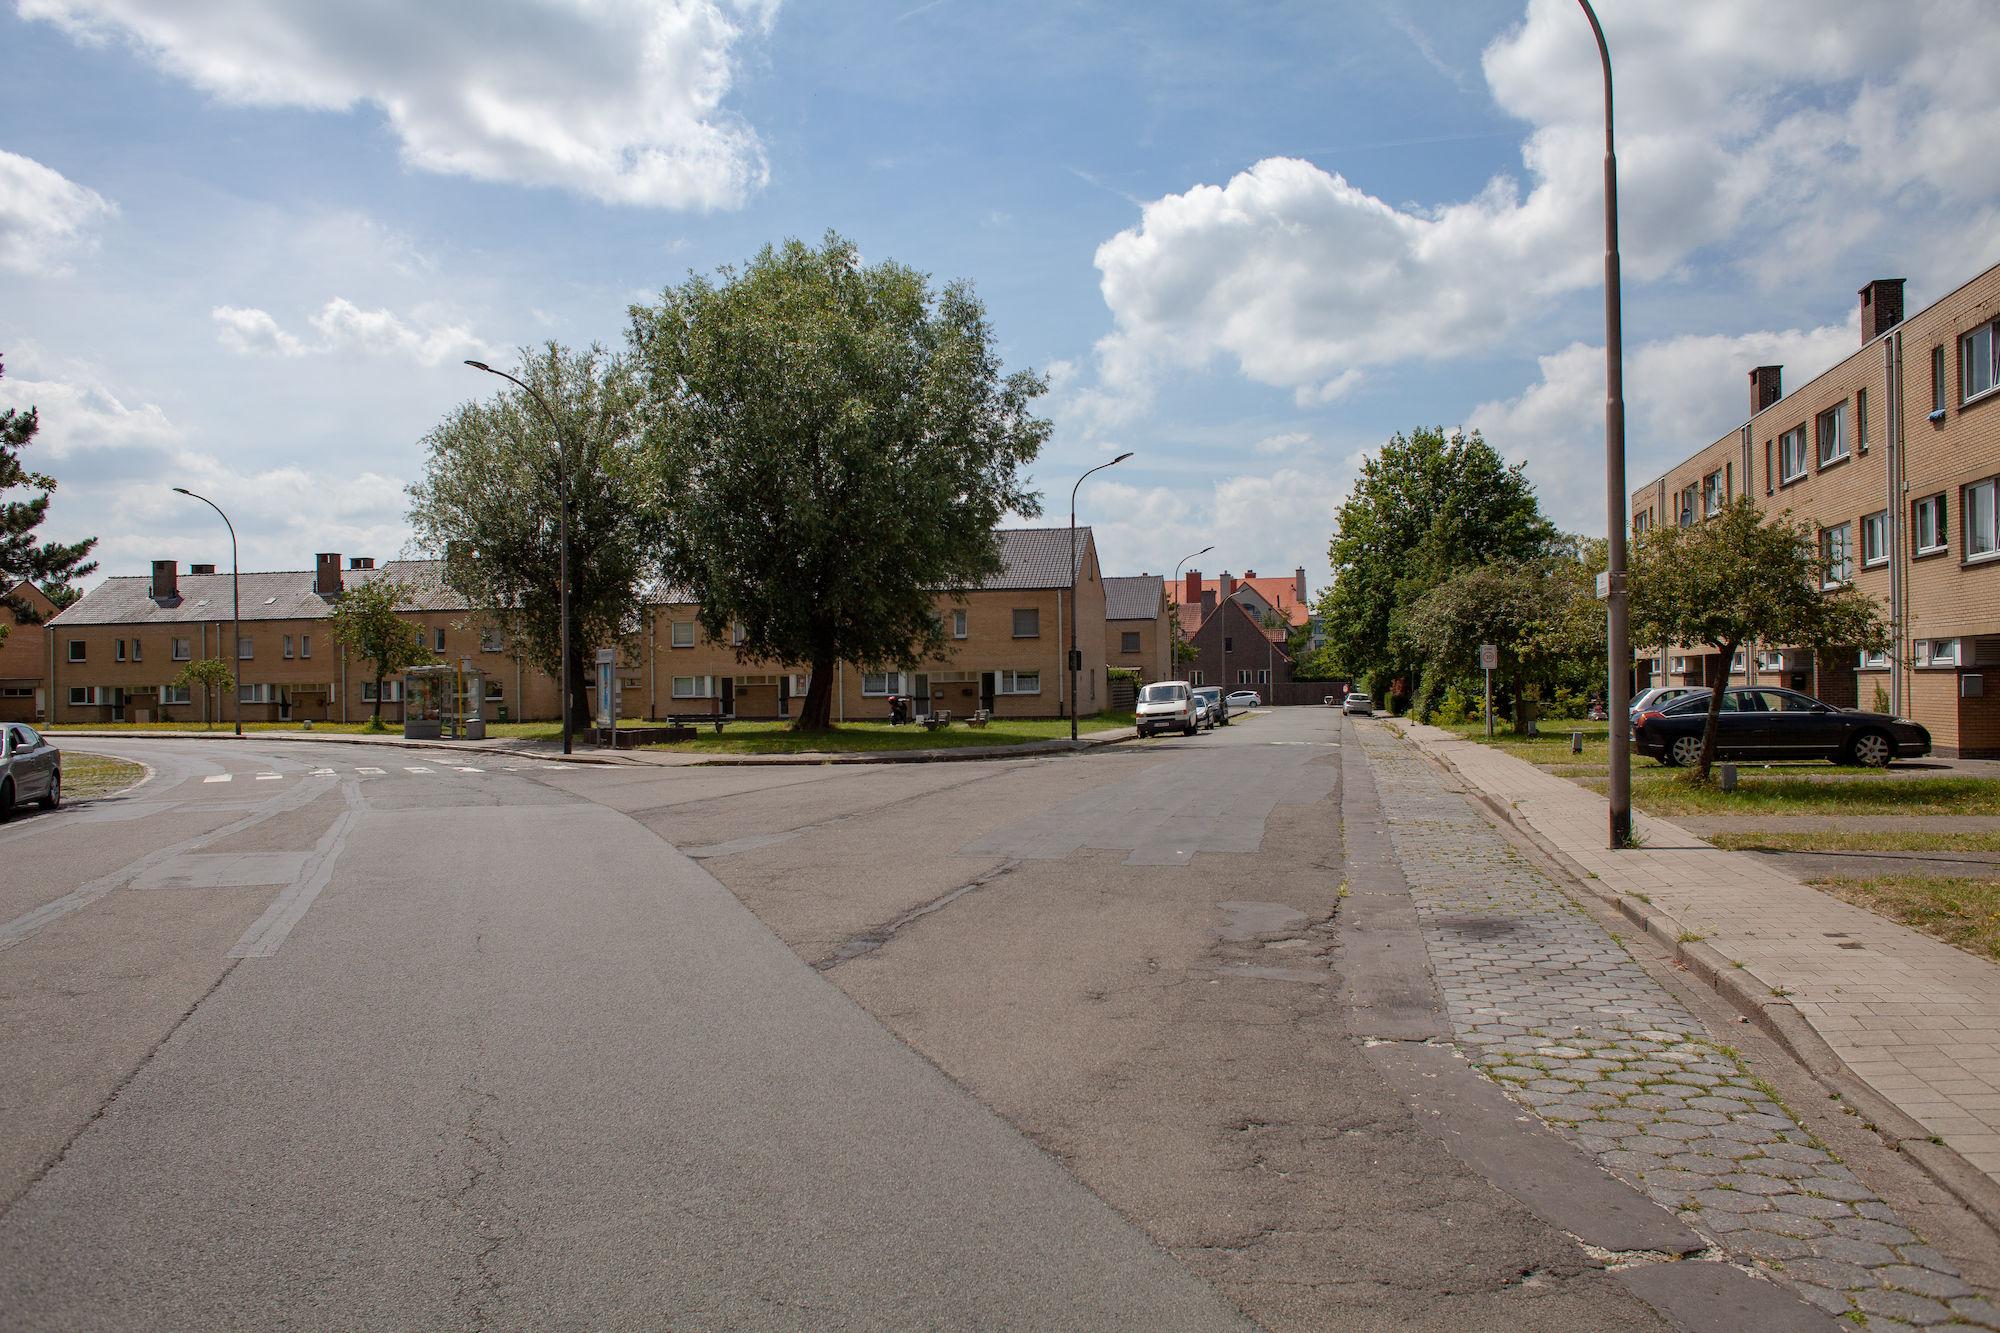 2019-07-01 Nieuw Gent prospectie met Wannes_stadsvernieuwing_IMG_0197-3.jpg